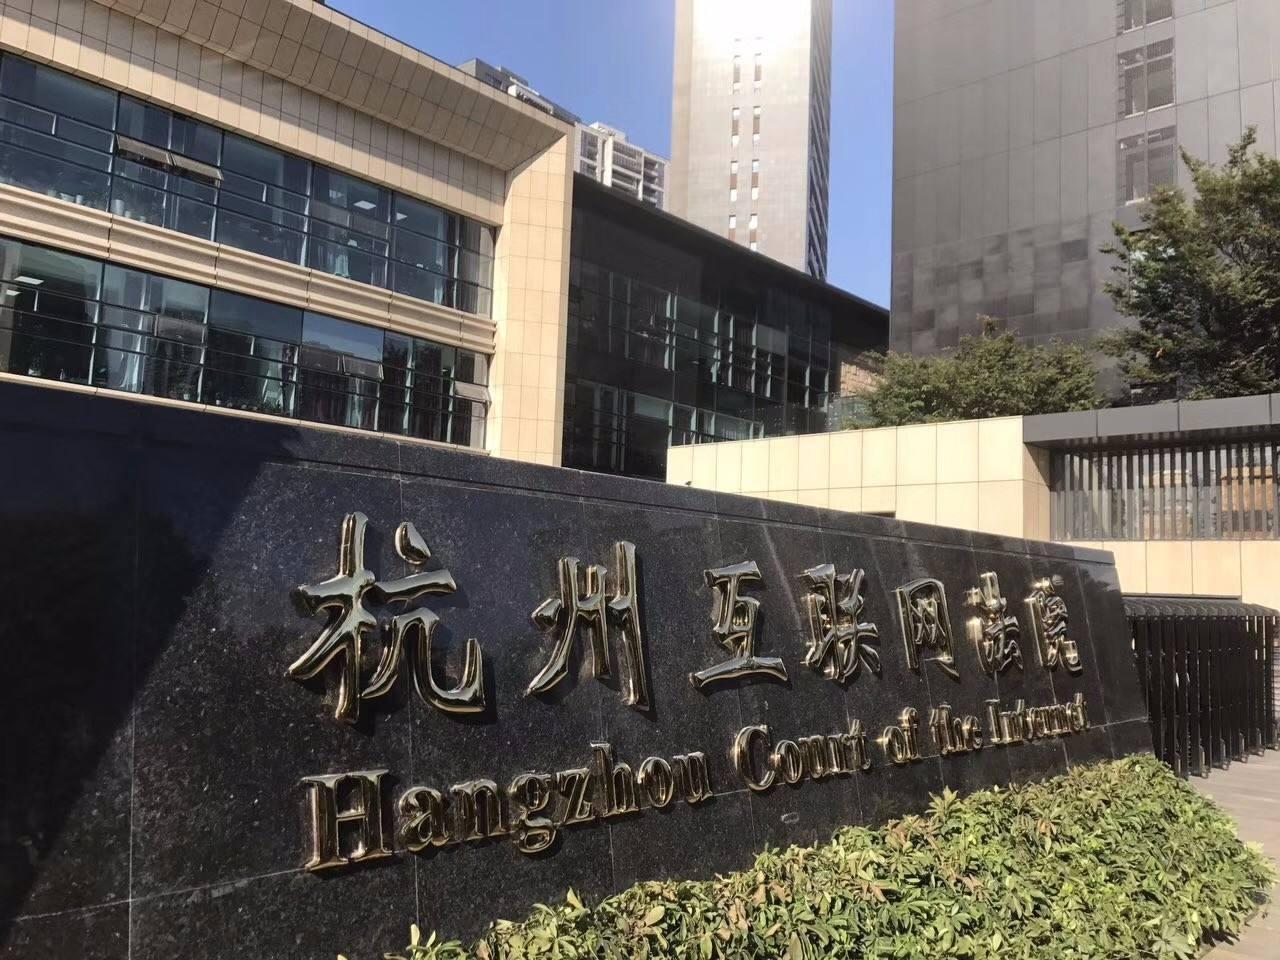 دادگاه عالی چین مشروعیت اسناد مبتنی بر بلاک چین را تایید کرد